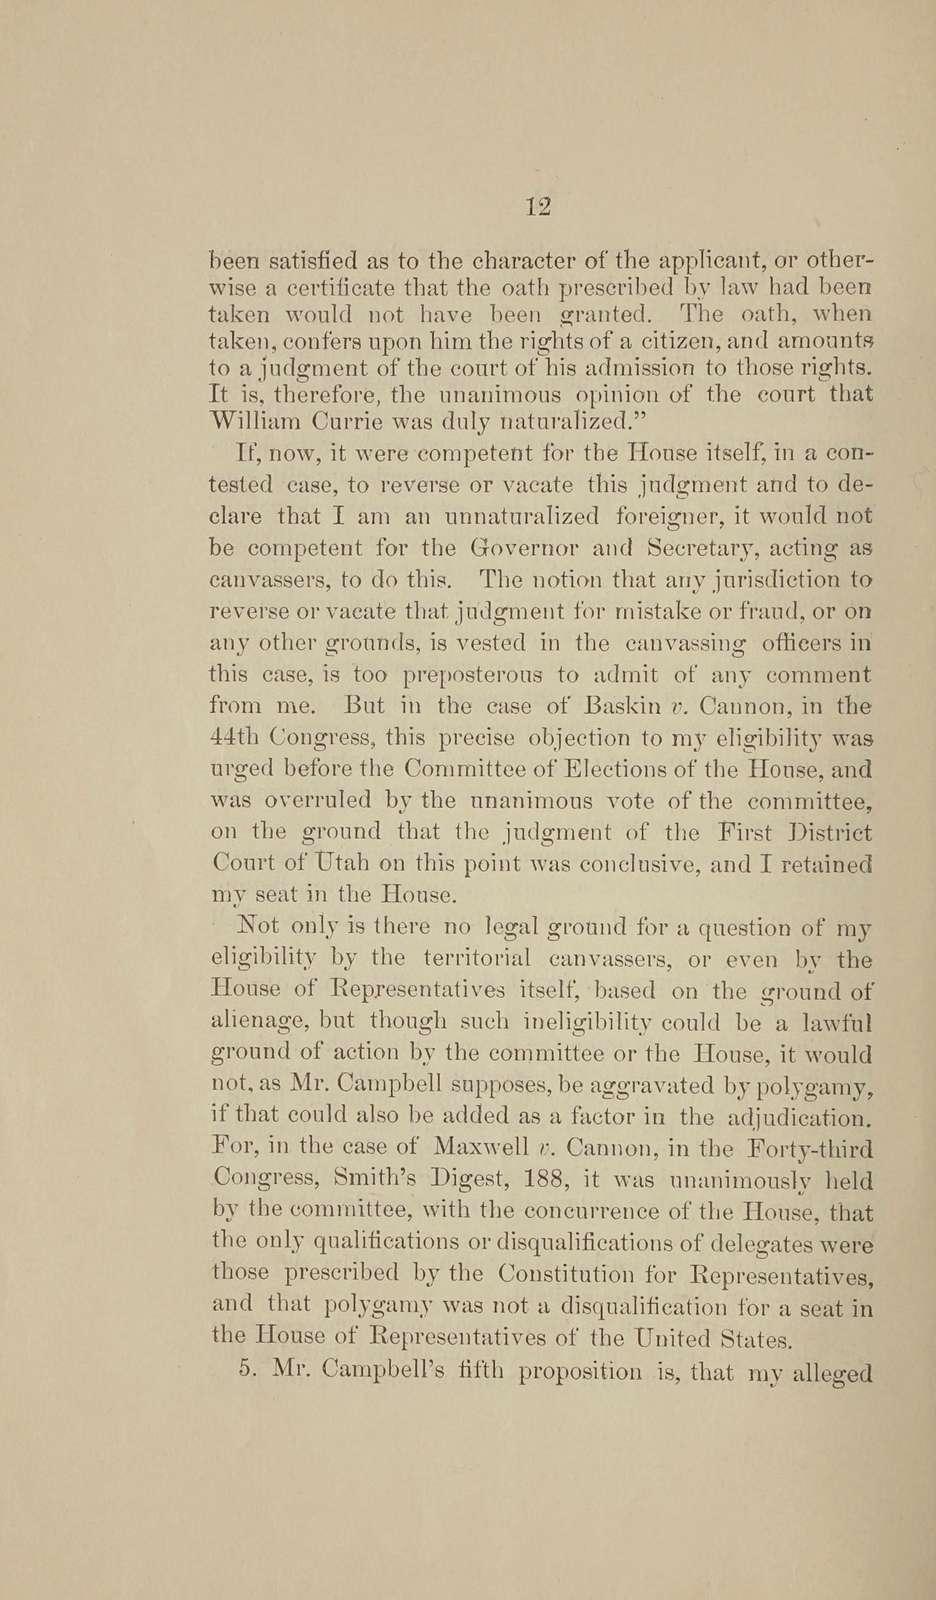 Before territorial canvassers, Utah Territory